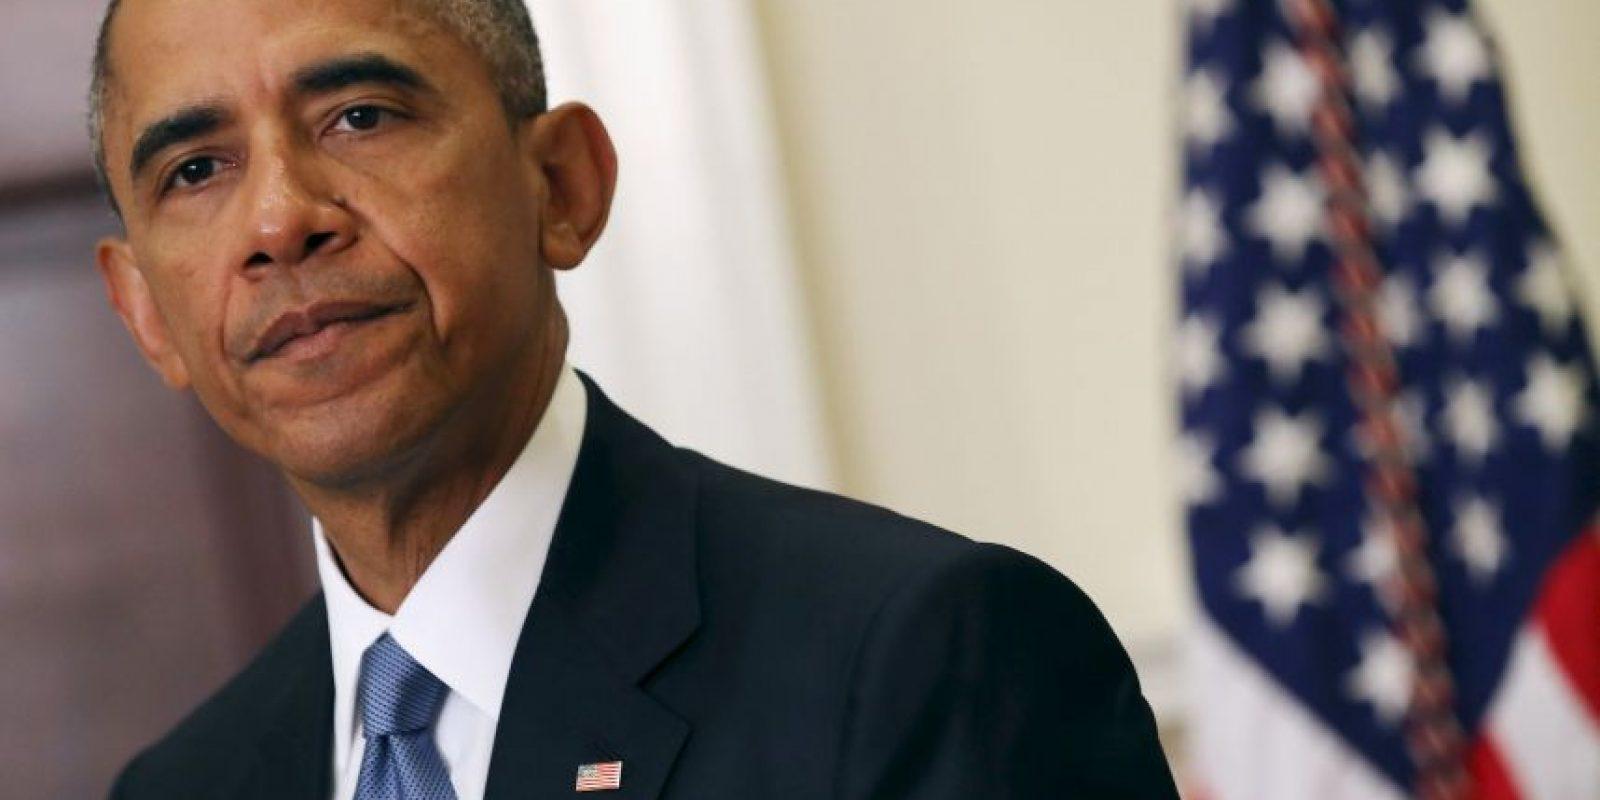 El presidente Barack Obama visitará Nairobi el 23 de julio. Foto:Getty Images